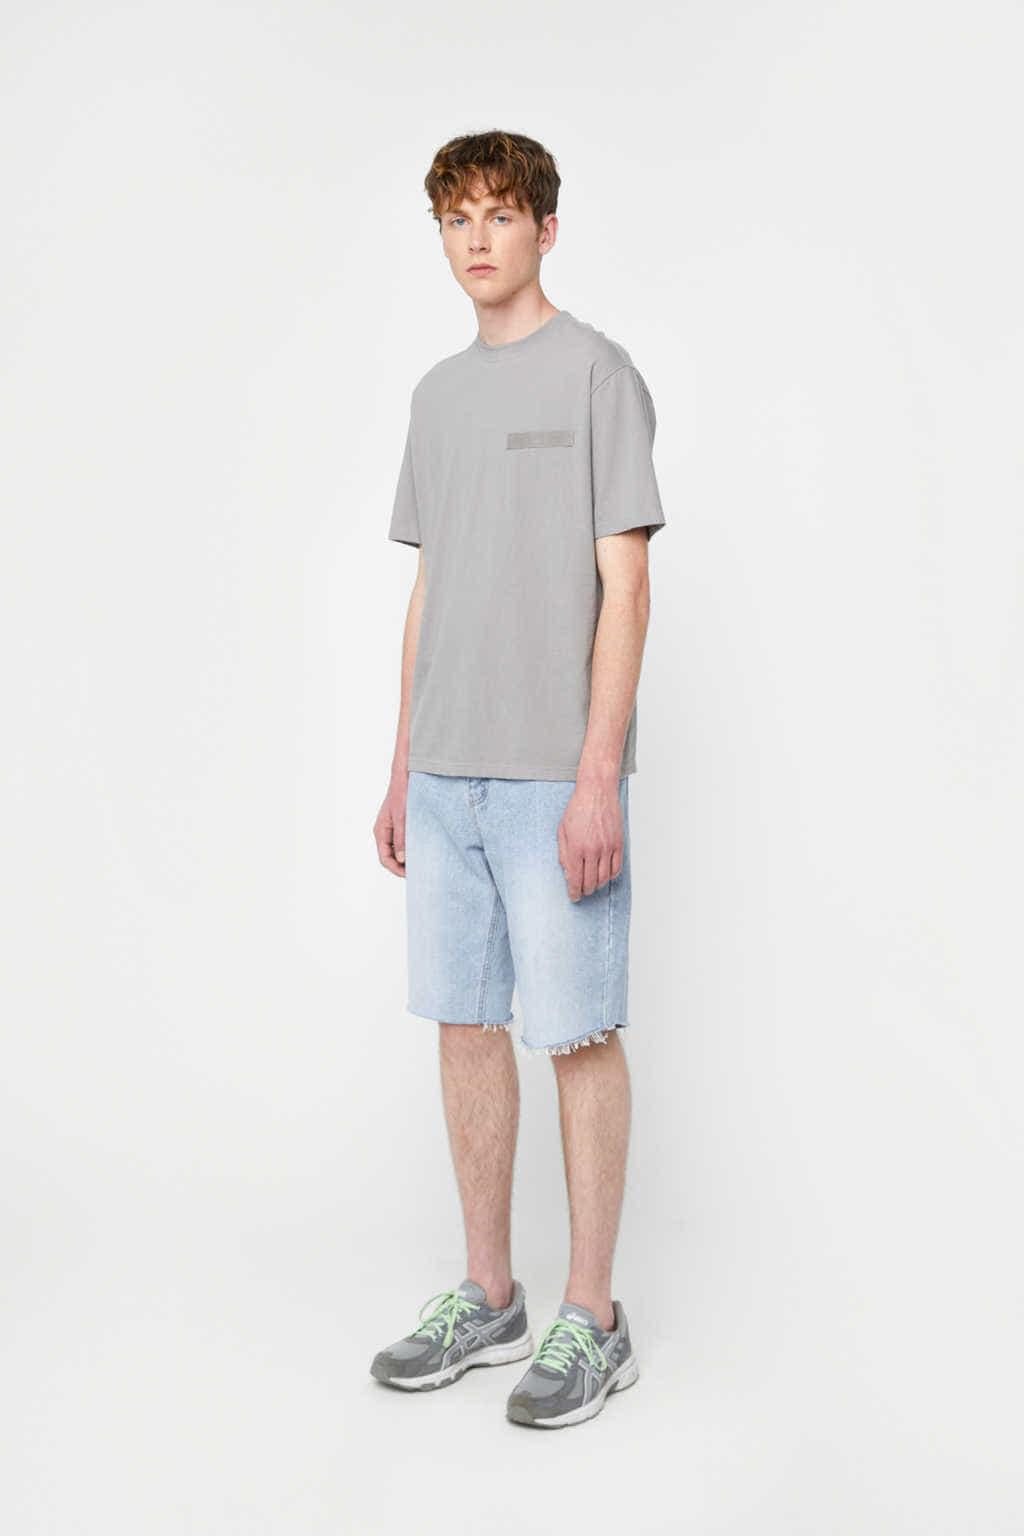 TShirt K006M Gray 3